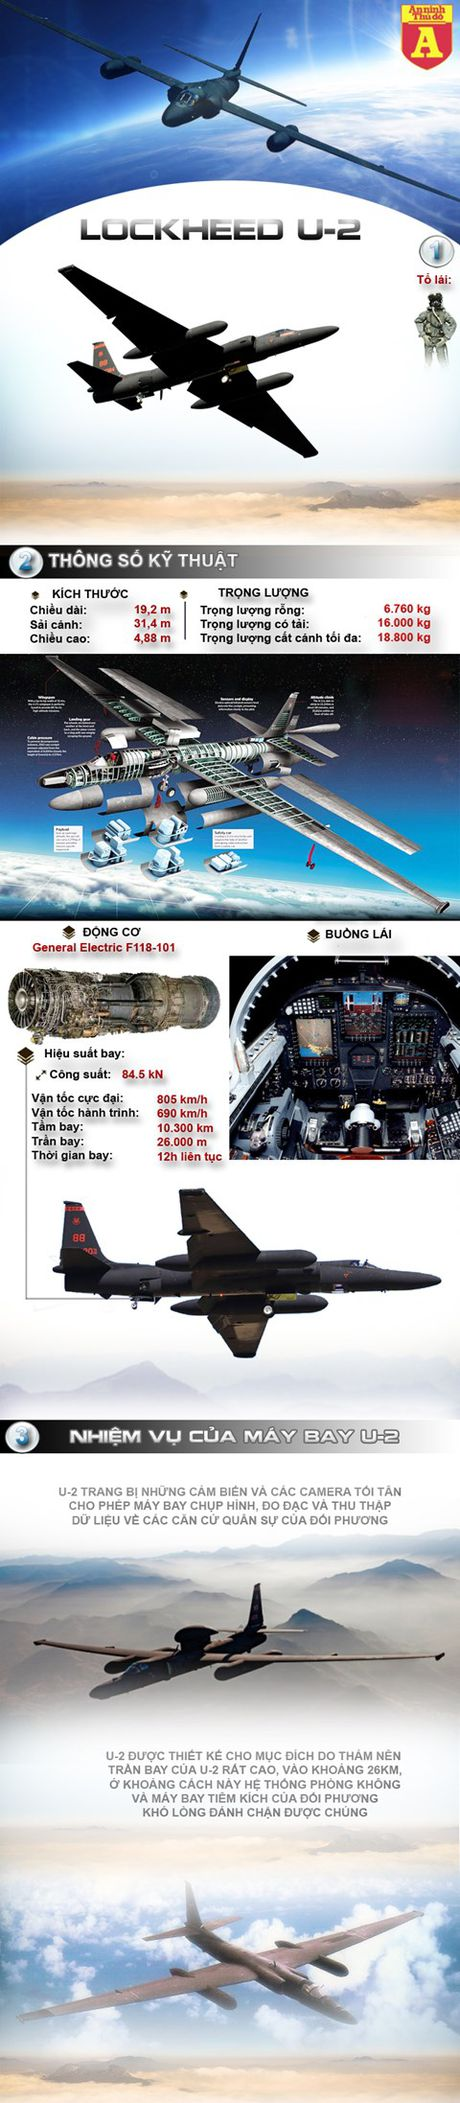 Quy Ba Rong U-2, bieu tuong do tham cua Khong luc My - Anh 1